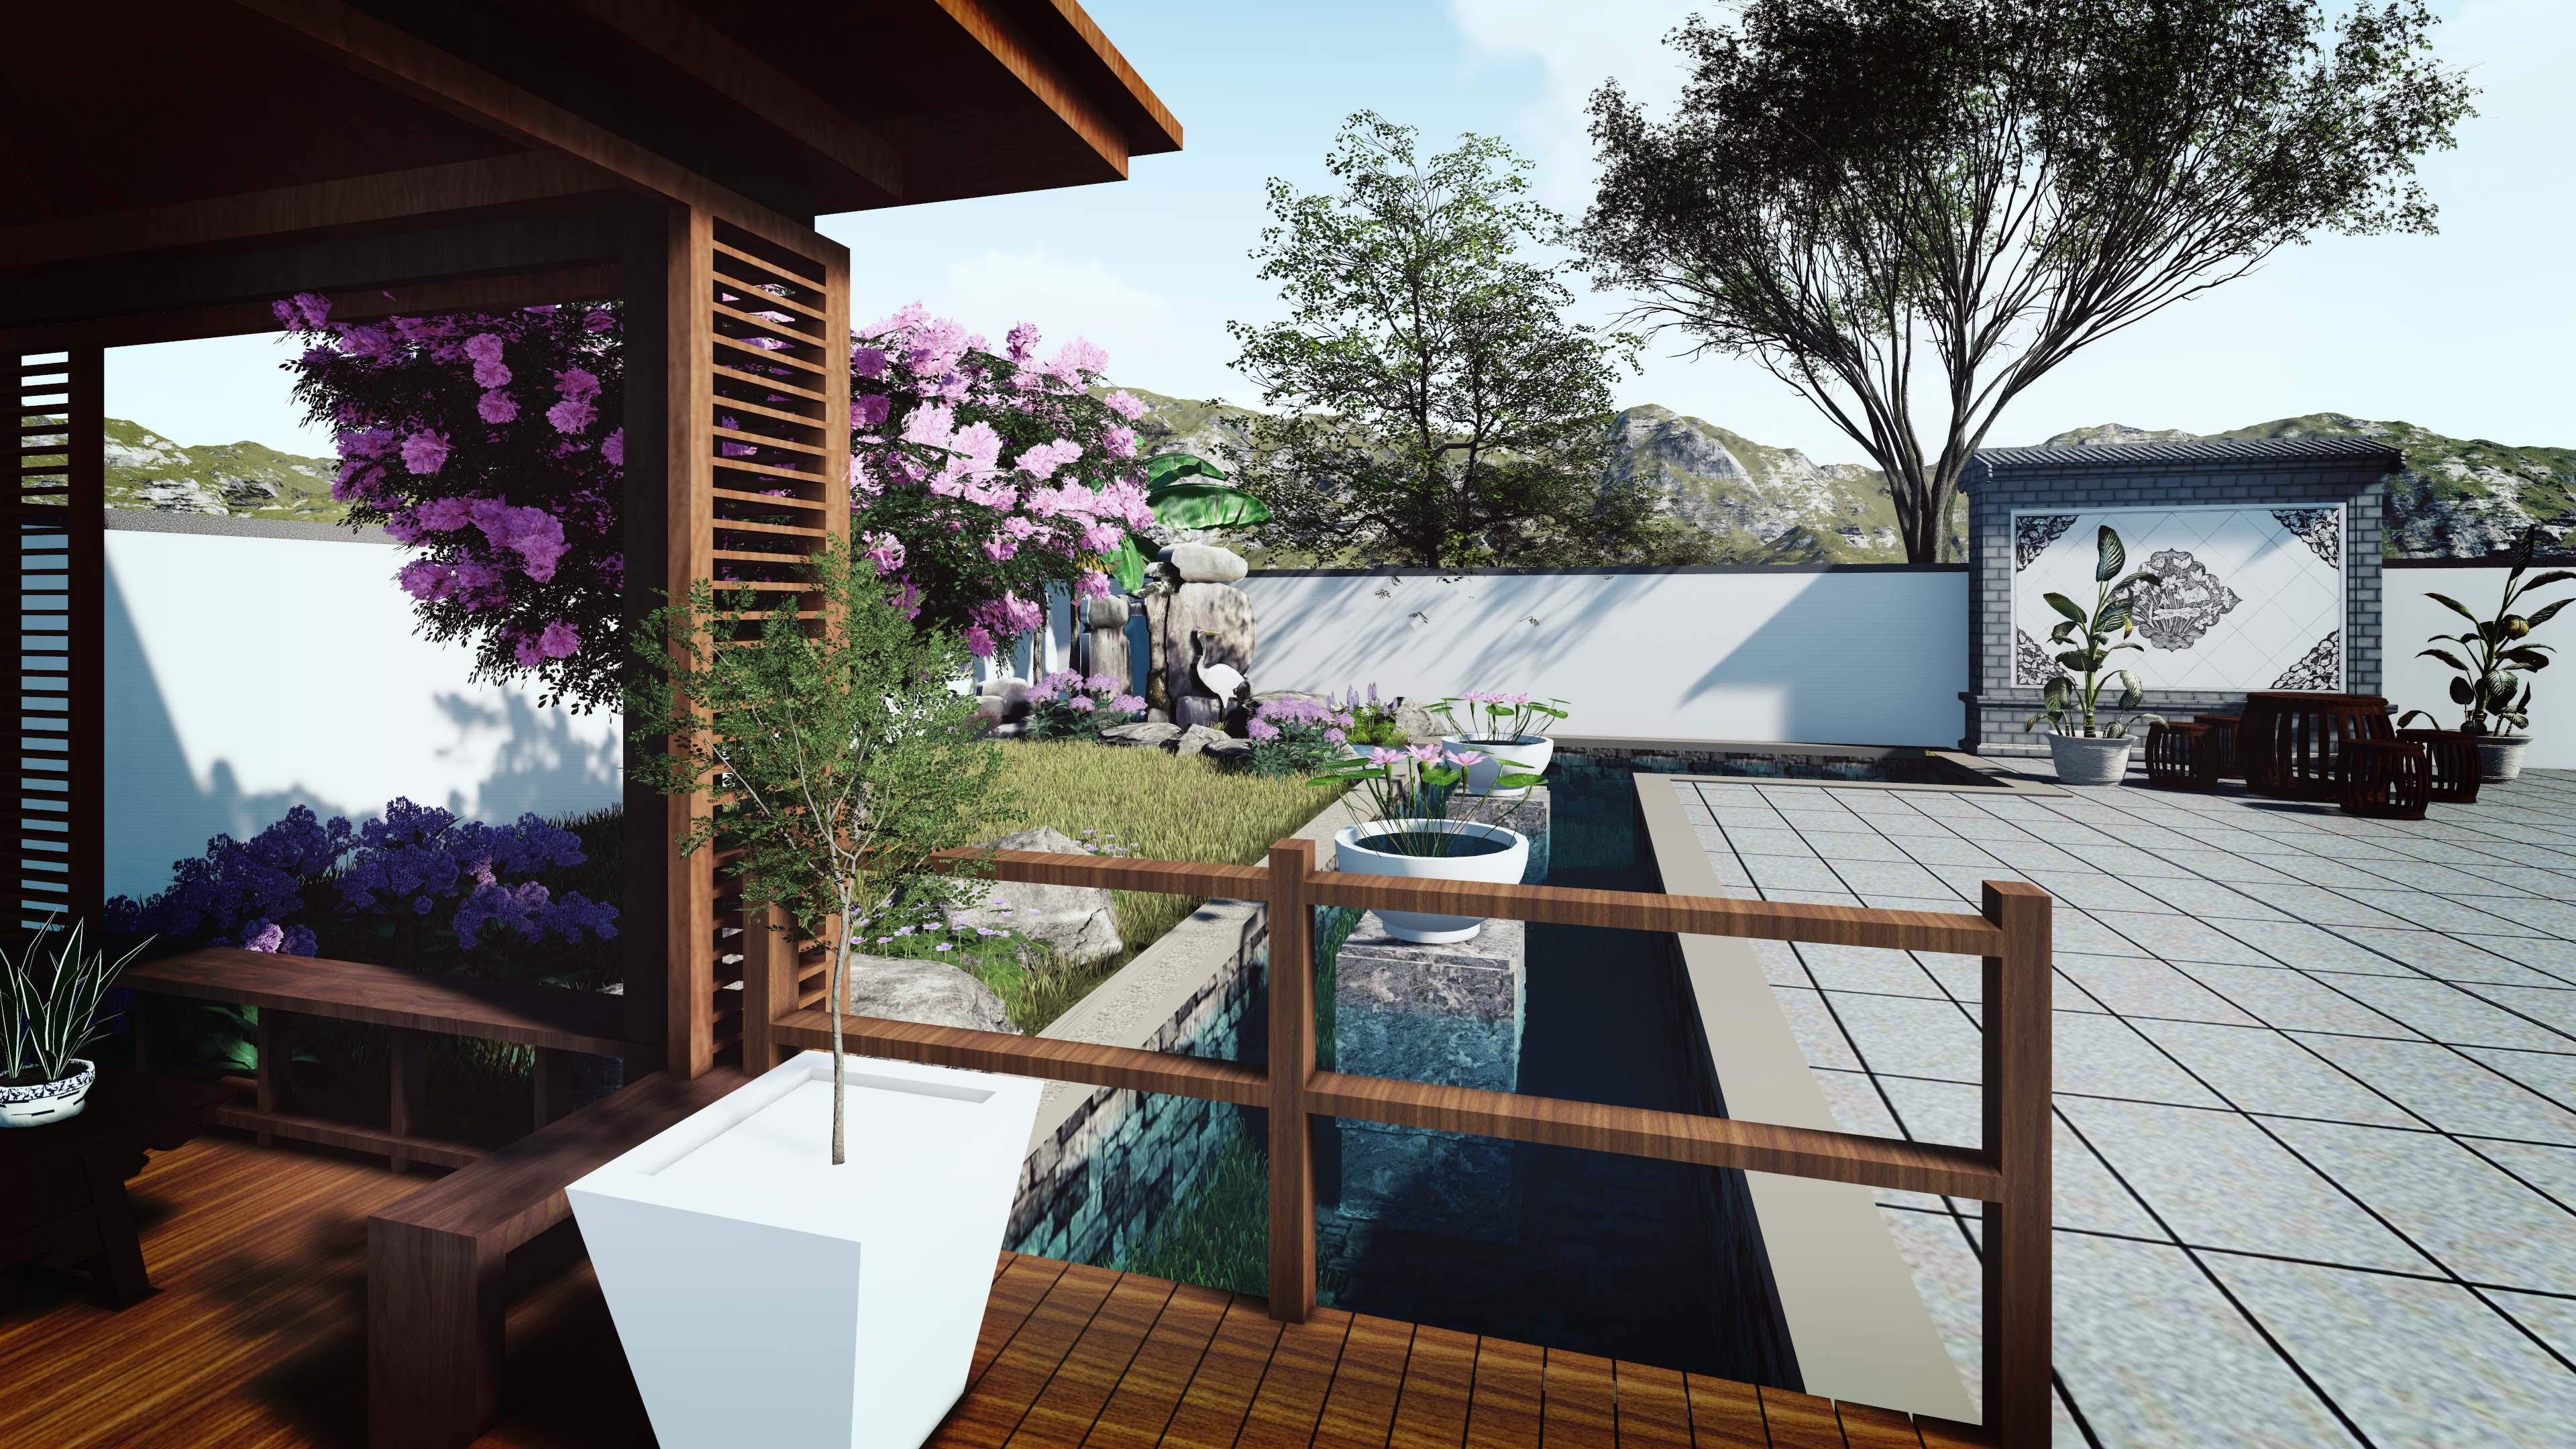 华府花园庭院升级改造,别墅私家花园设计,屋顶花园设计,阳台花园设计